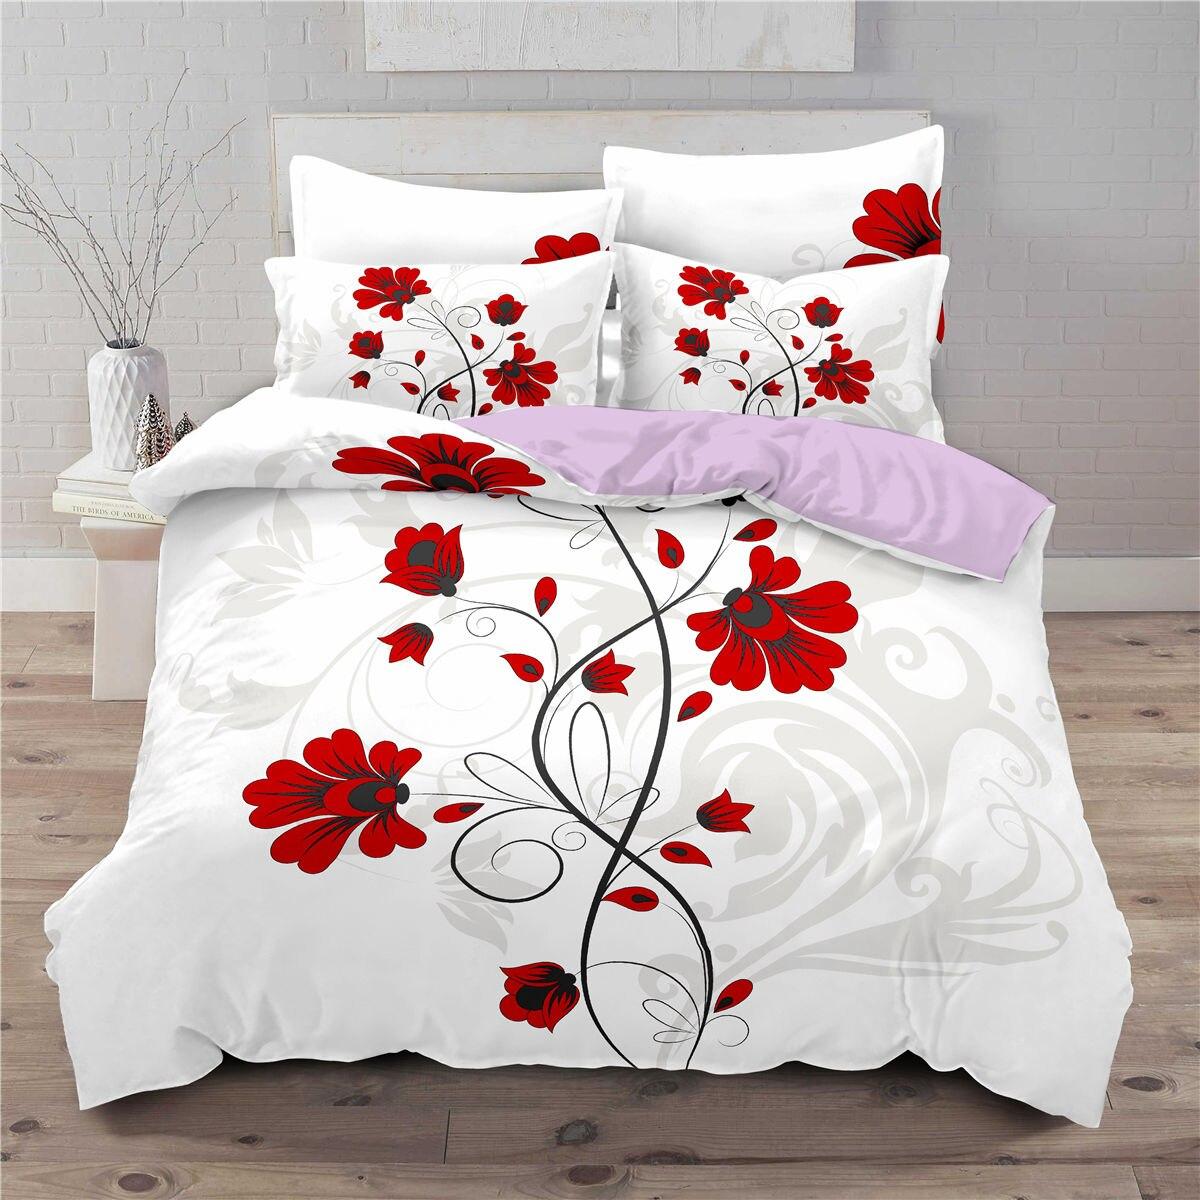 أبيض ثلاثية الأبعاد طقم سرير مطبوع زهرة نمط حاف الغطاء المخدة واحدة التوأم الملك سوبر لينة Seasons المنسوجات المنزلية